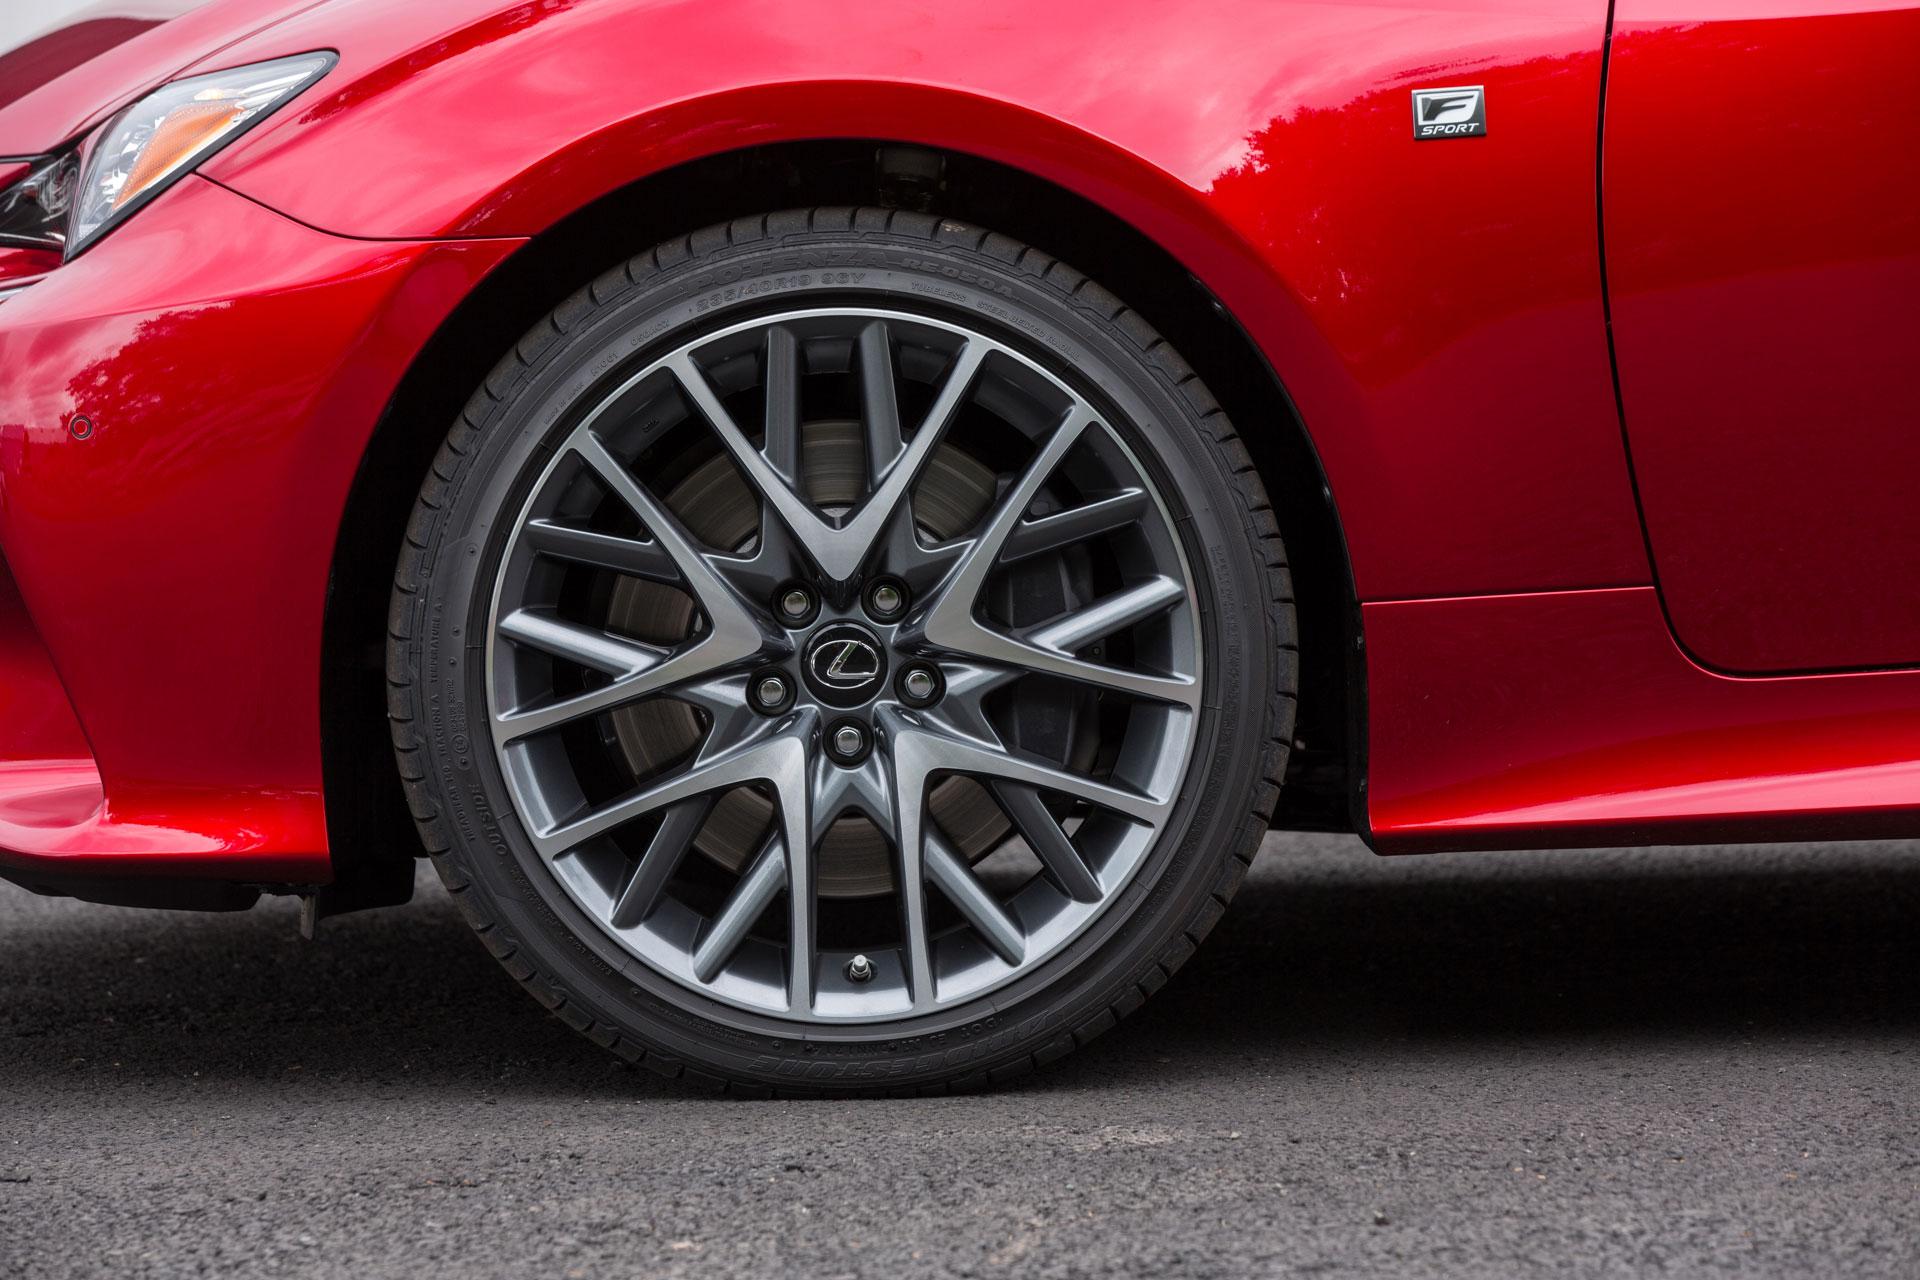 Blue Lexus Rc 350 >> Lexus RC F SPORT Wheel Design